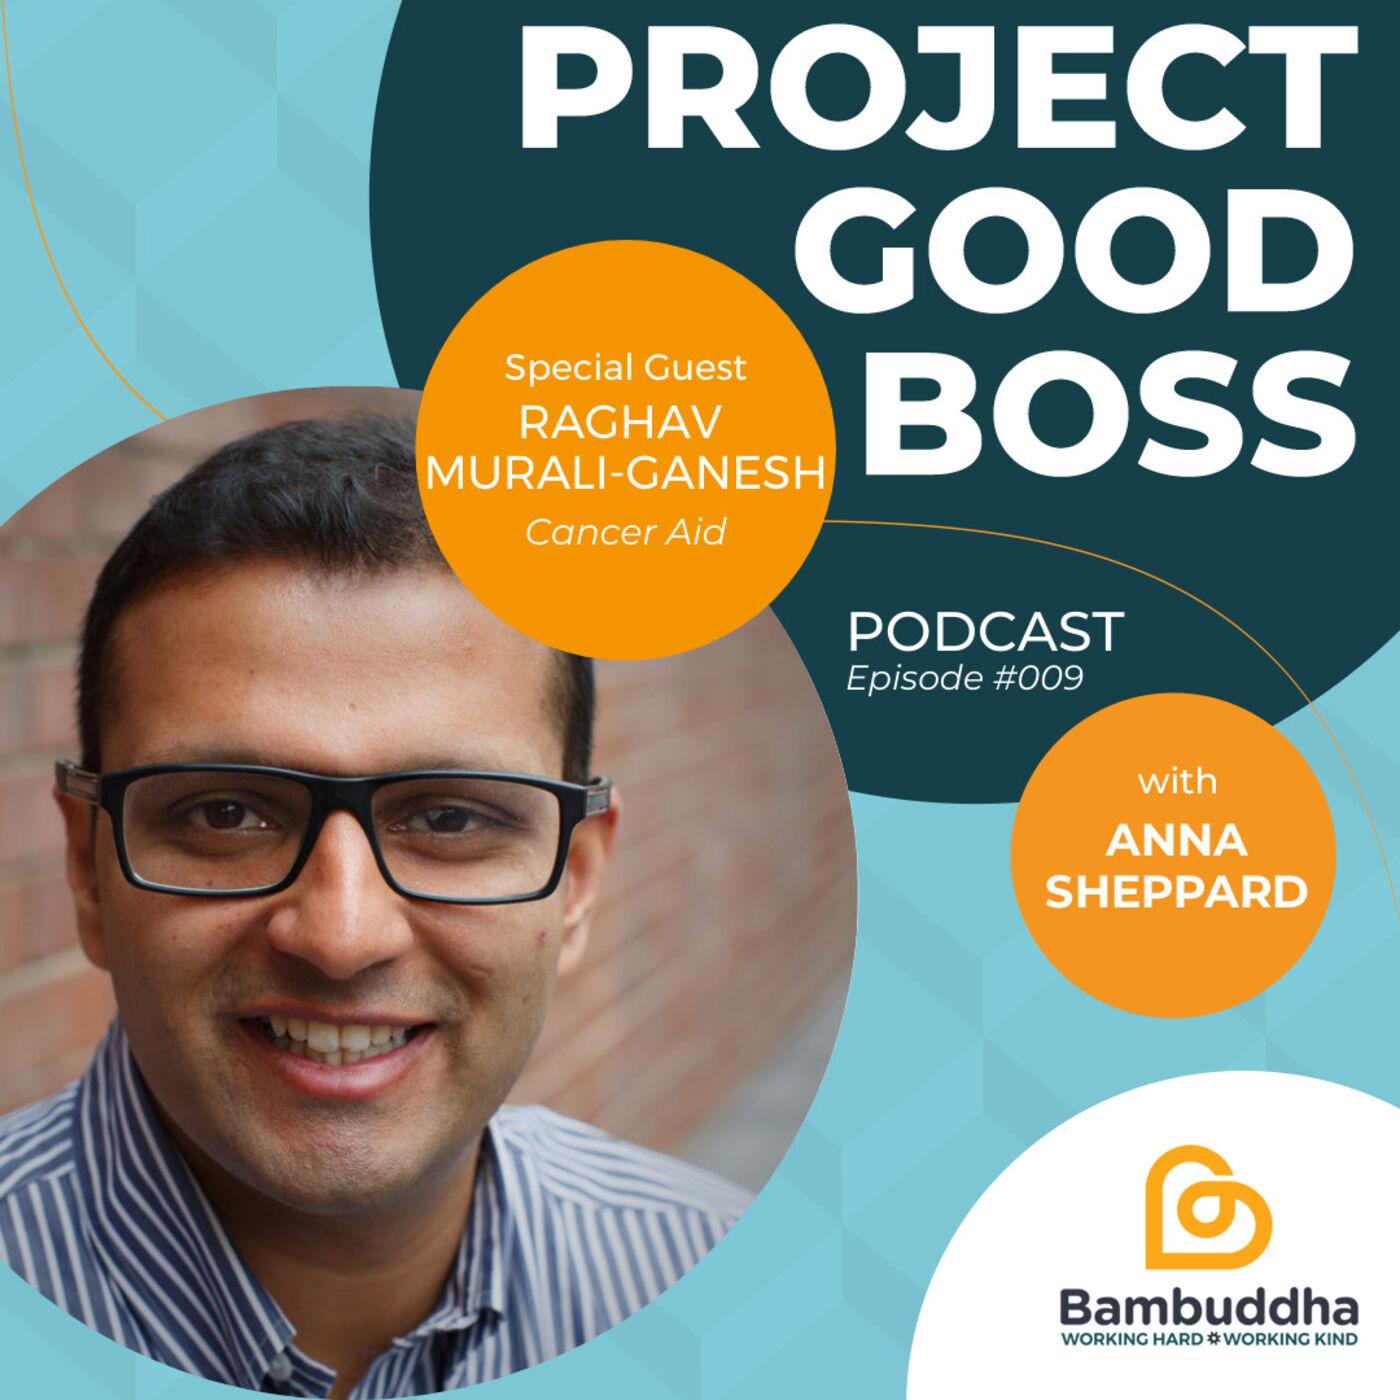 Raghav Murali-Ganesh on Better Communication